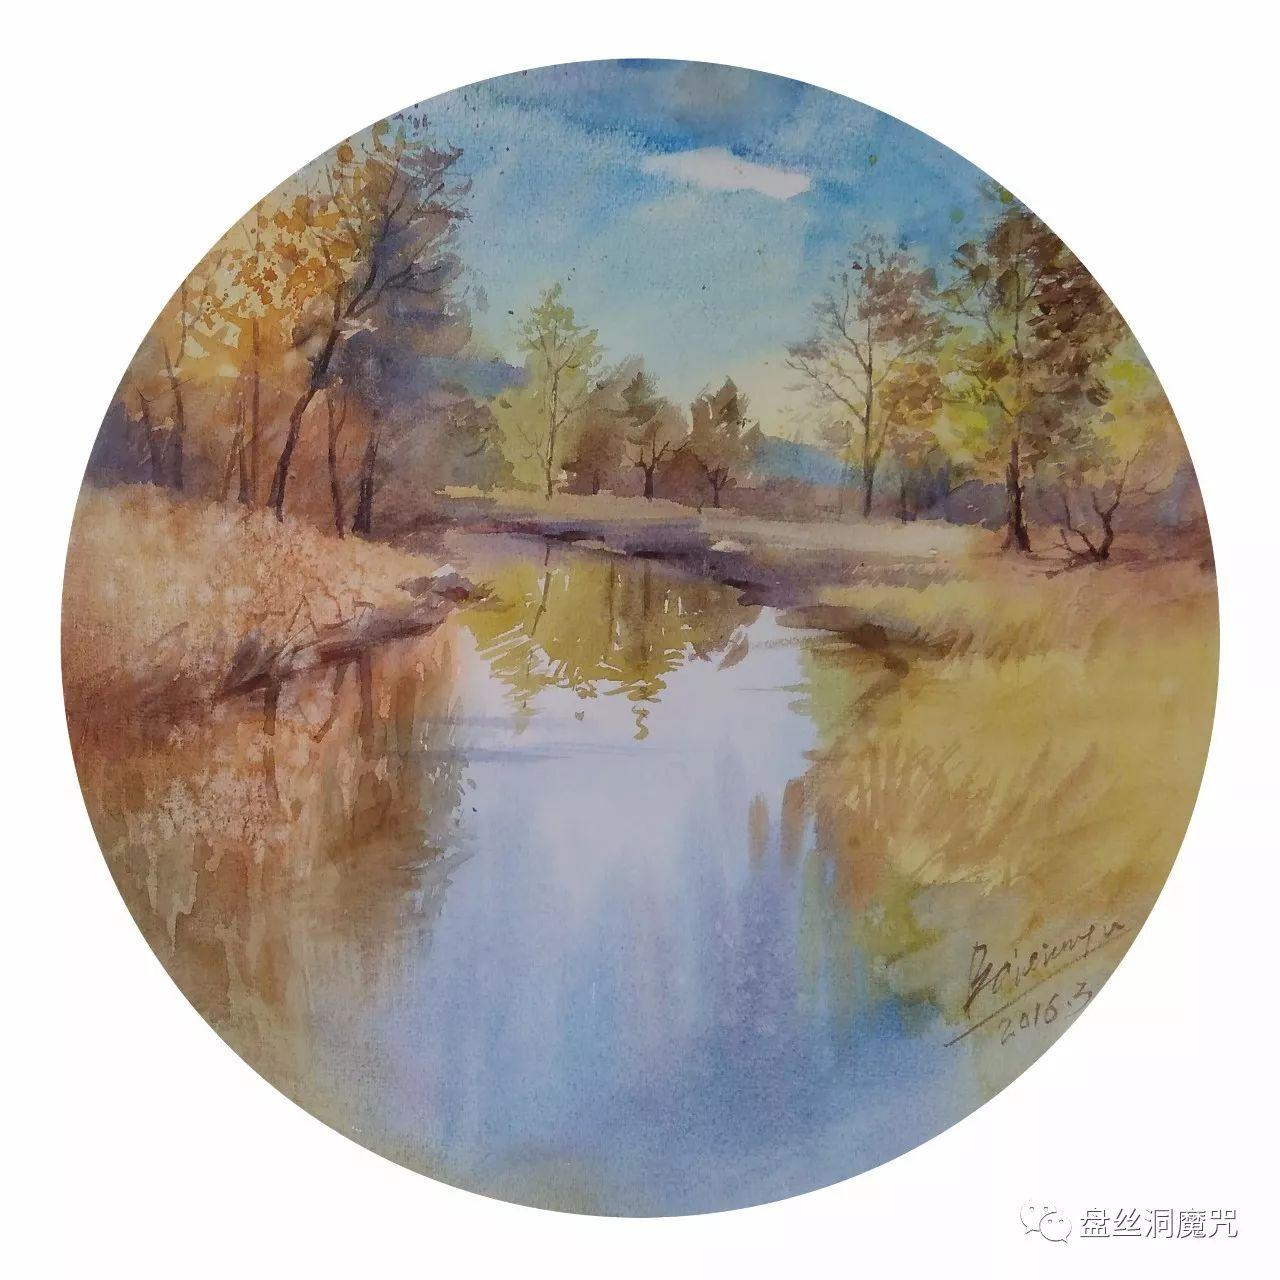 白连福水彩作品欣赏 第31张 白连福水彩作品欣赏 蒙古画廊